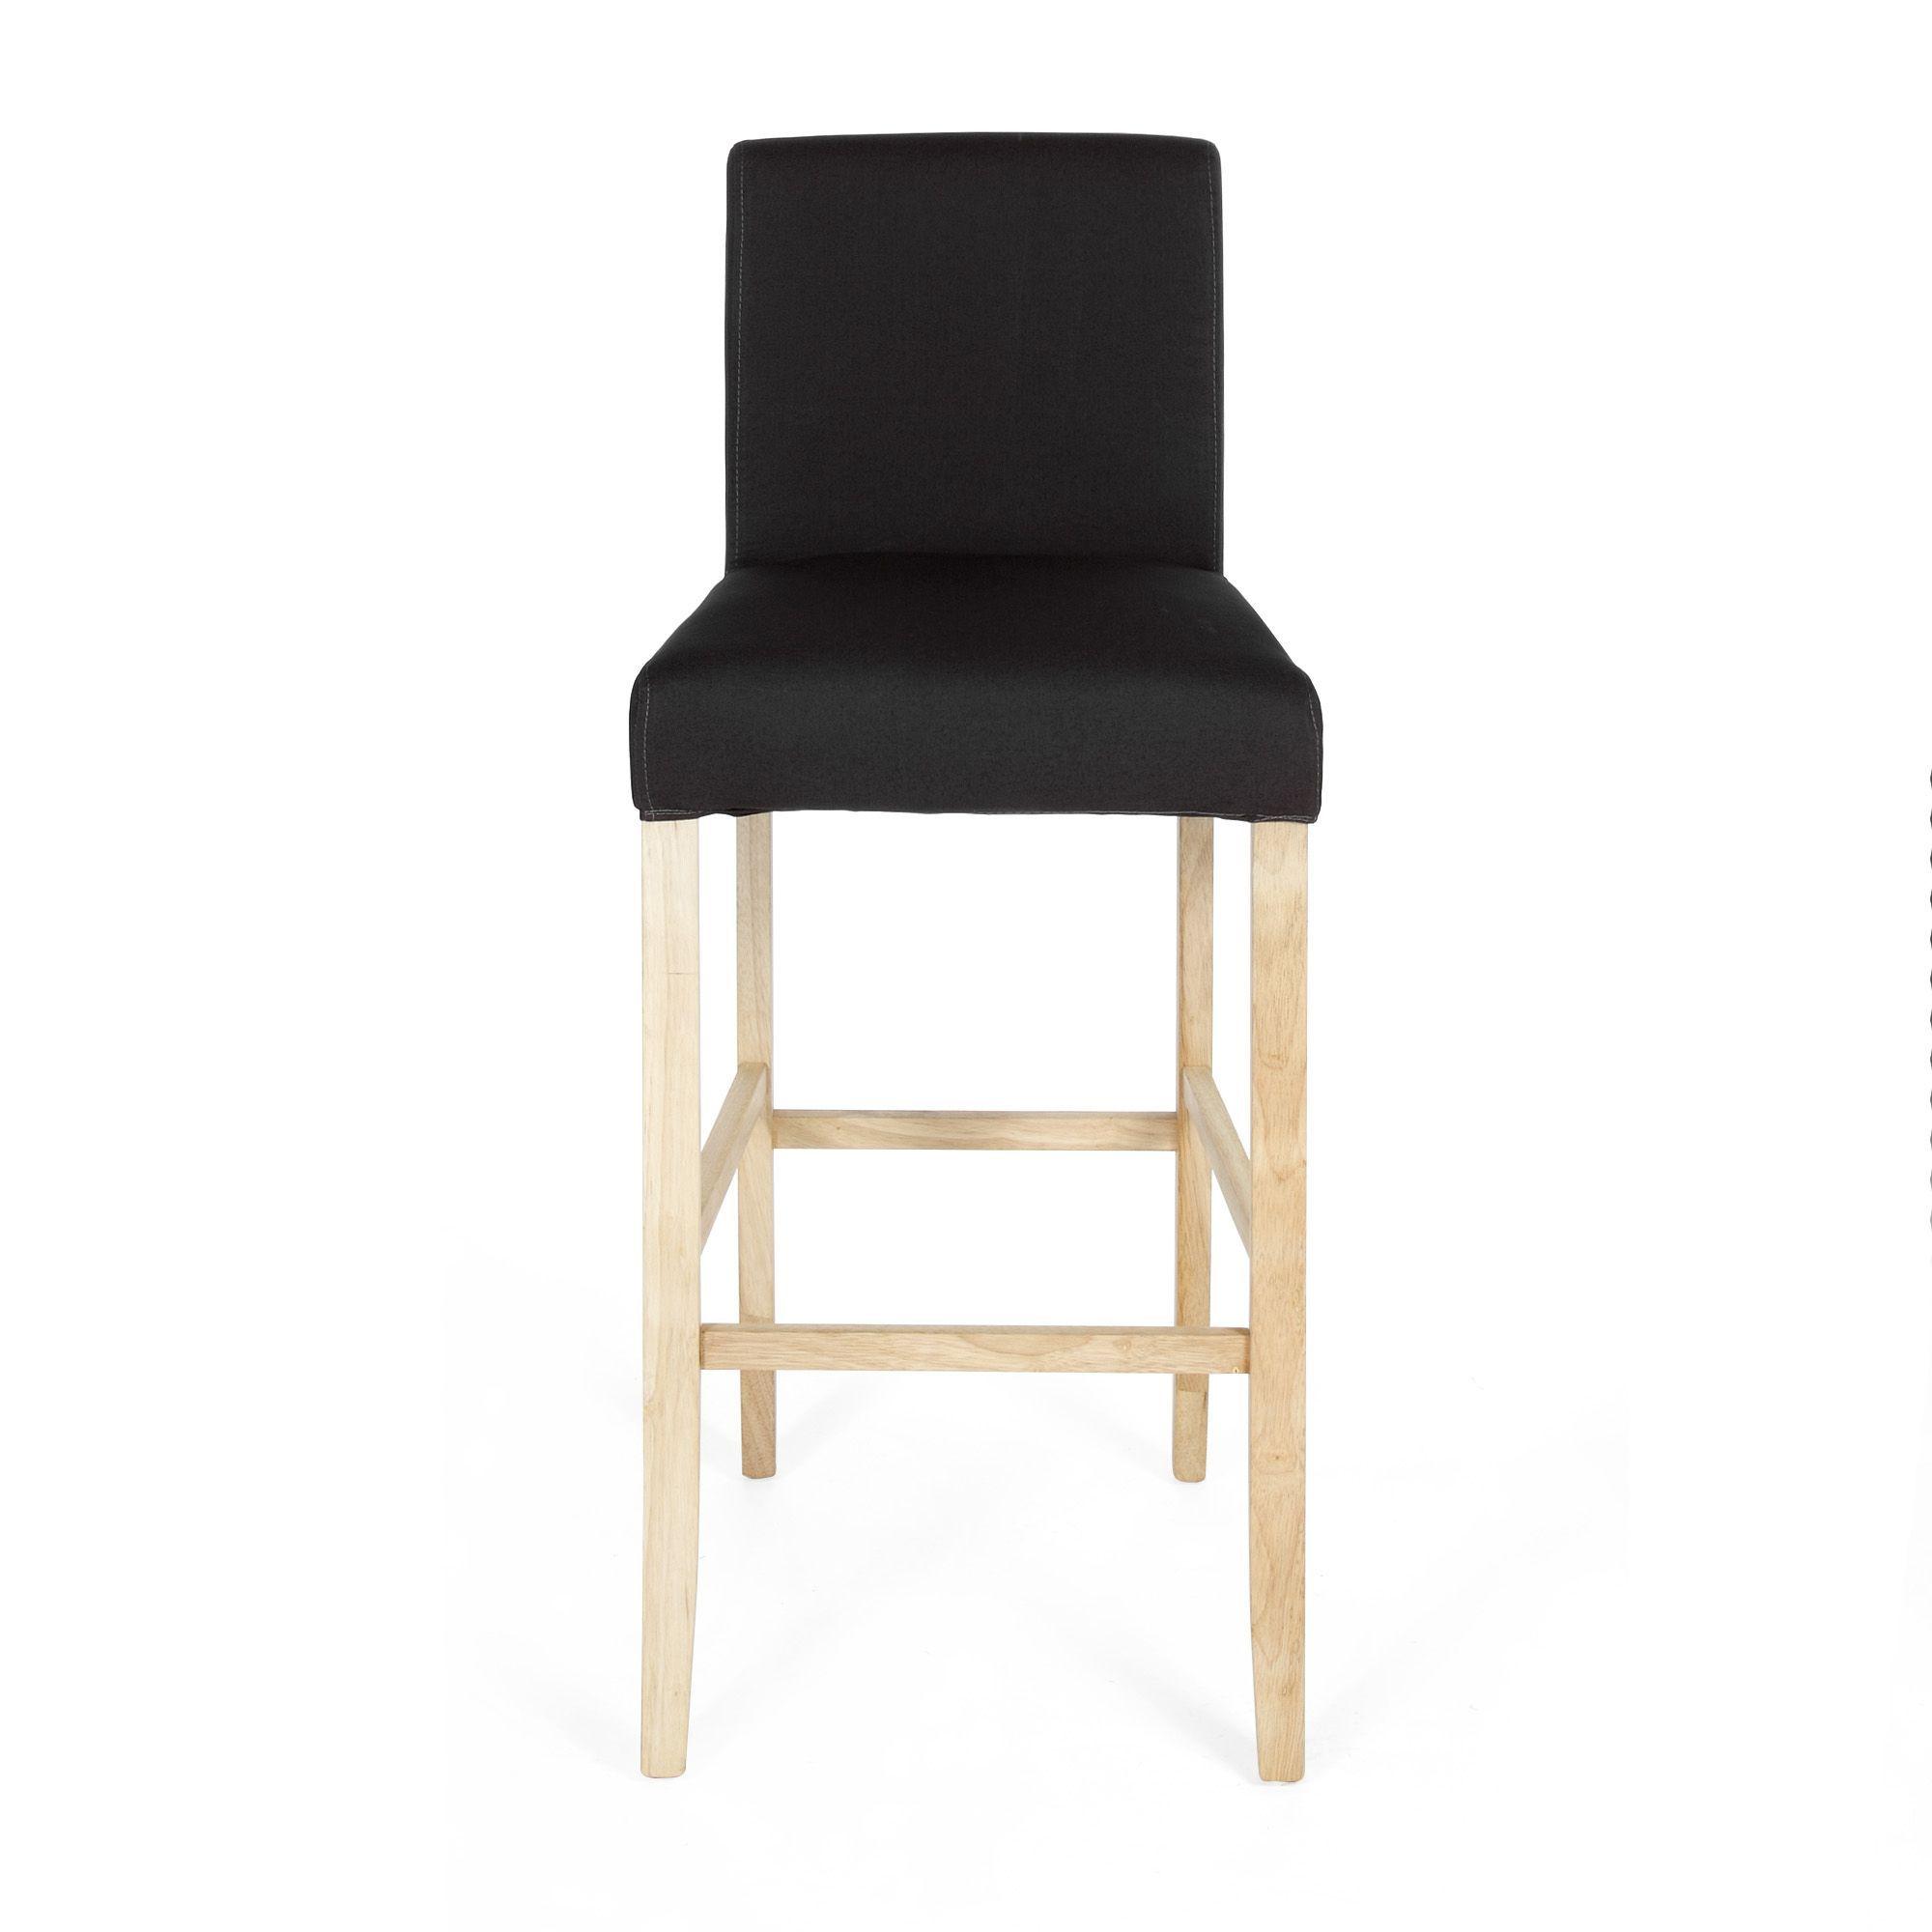 Housse De Chaise Marron Grise Marron Grise Meryl Chaises Tables Et Chaises Salon Et Salle A Manger Decoration D Interieur Home Decor Furniture Decor